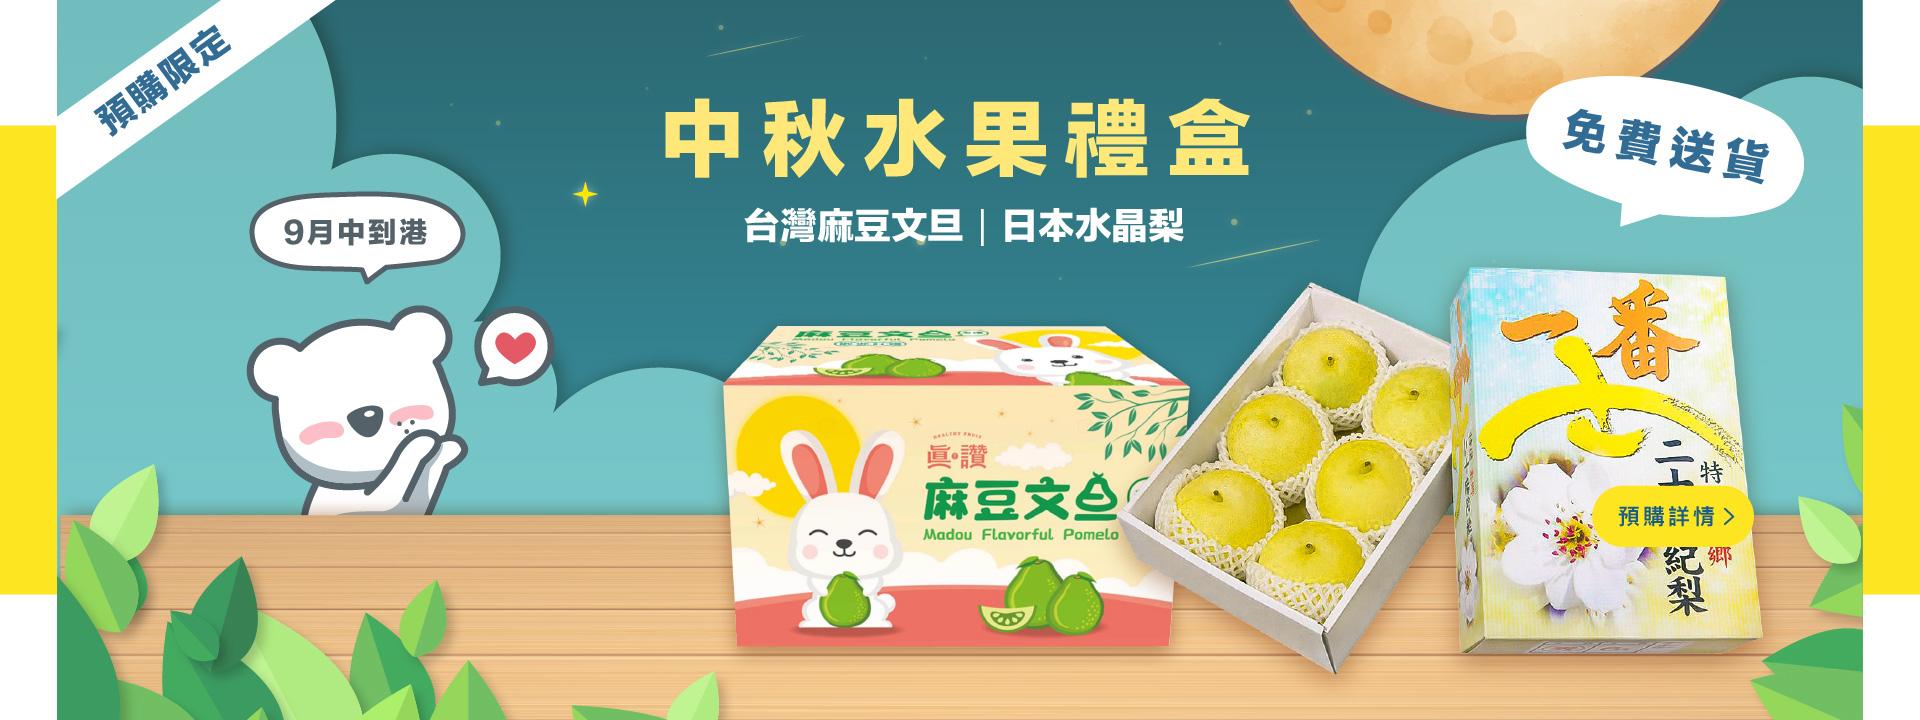 預售中秋水果禮盒